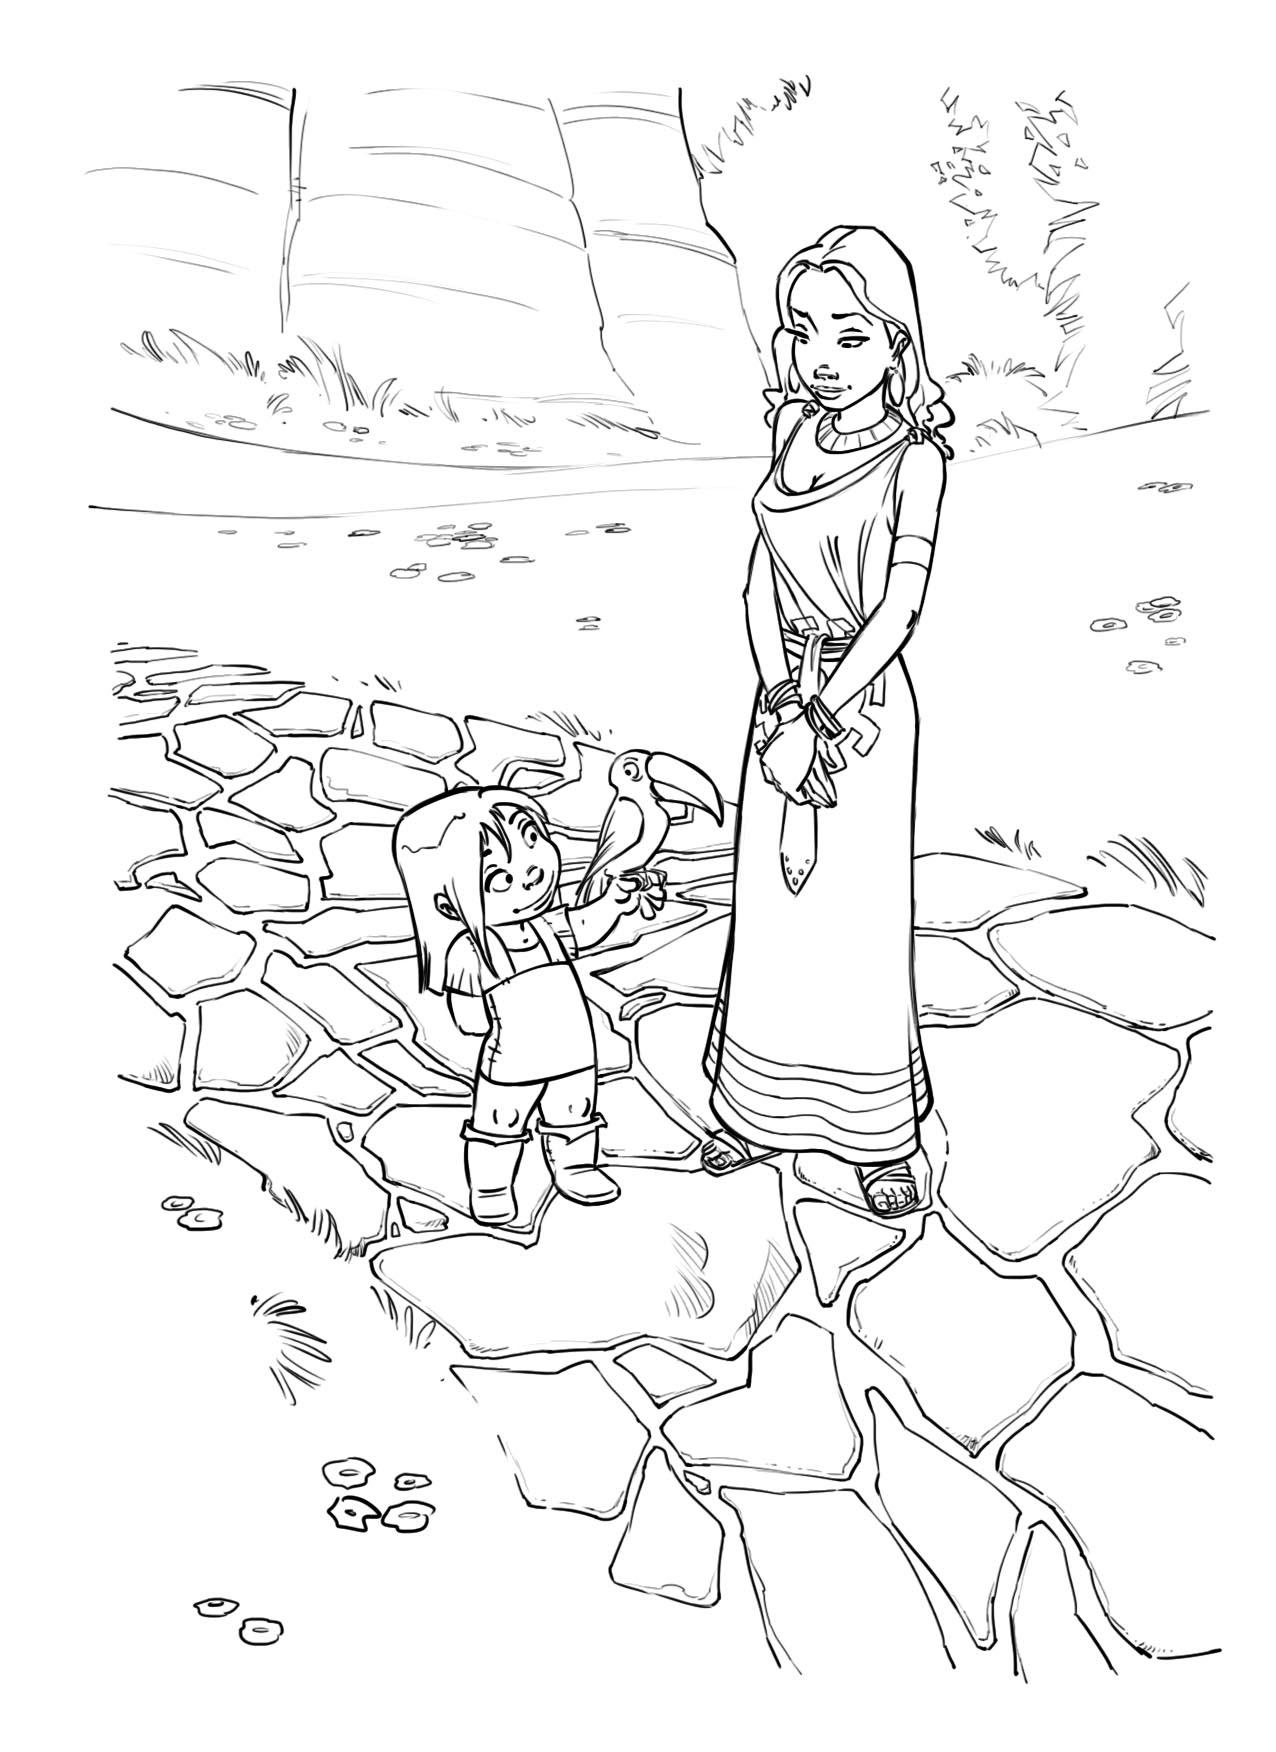 Sketch04 clean